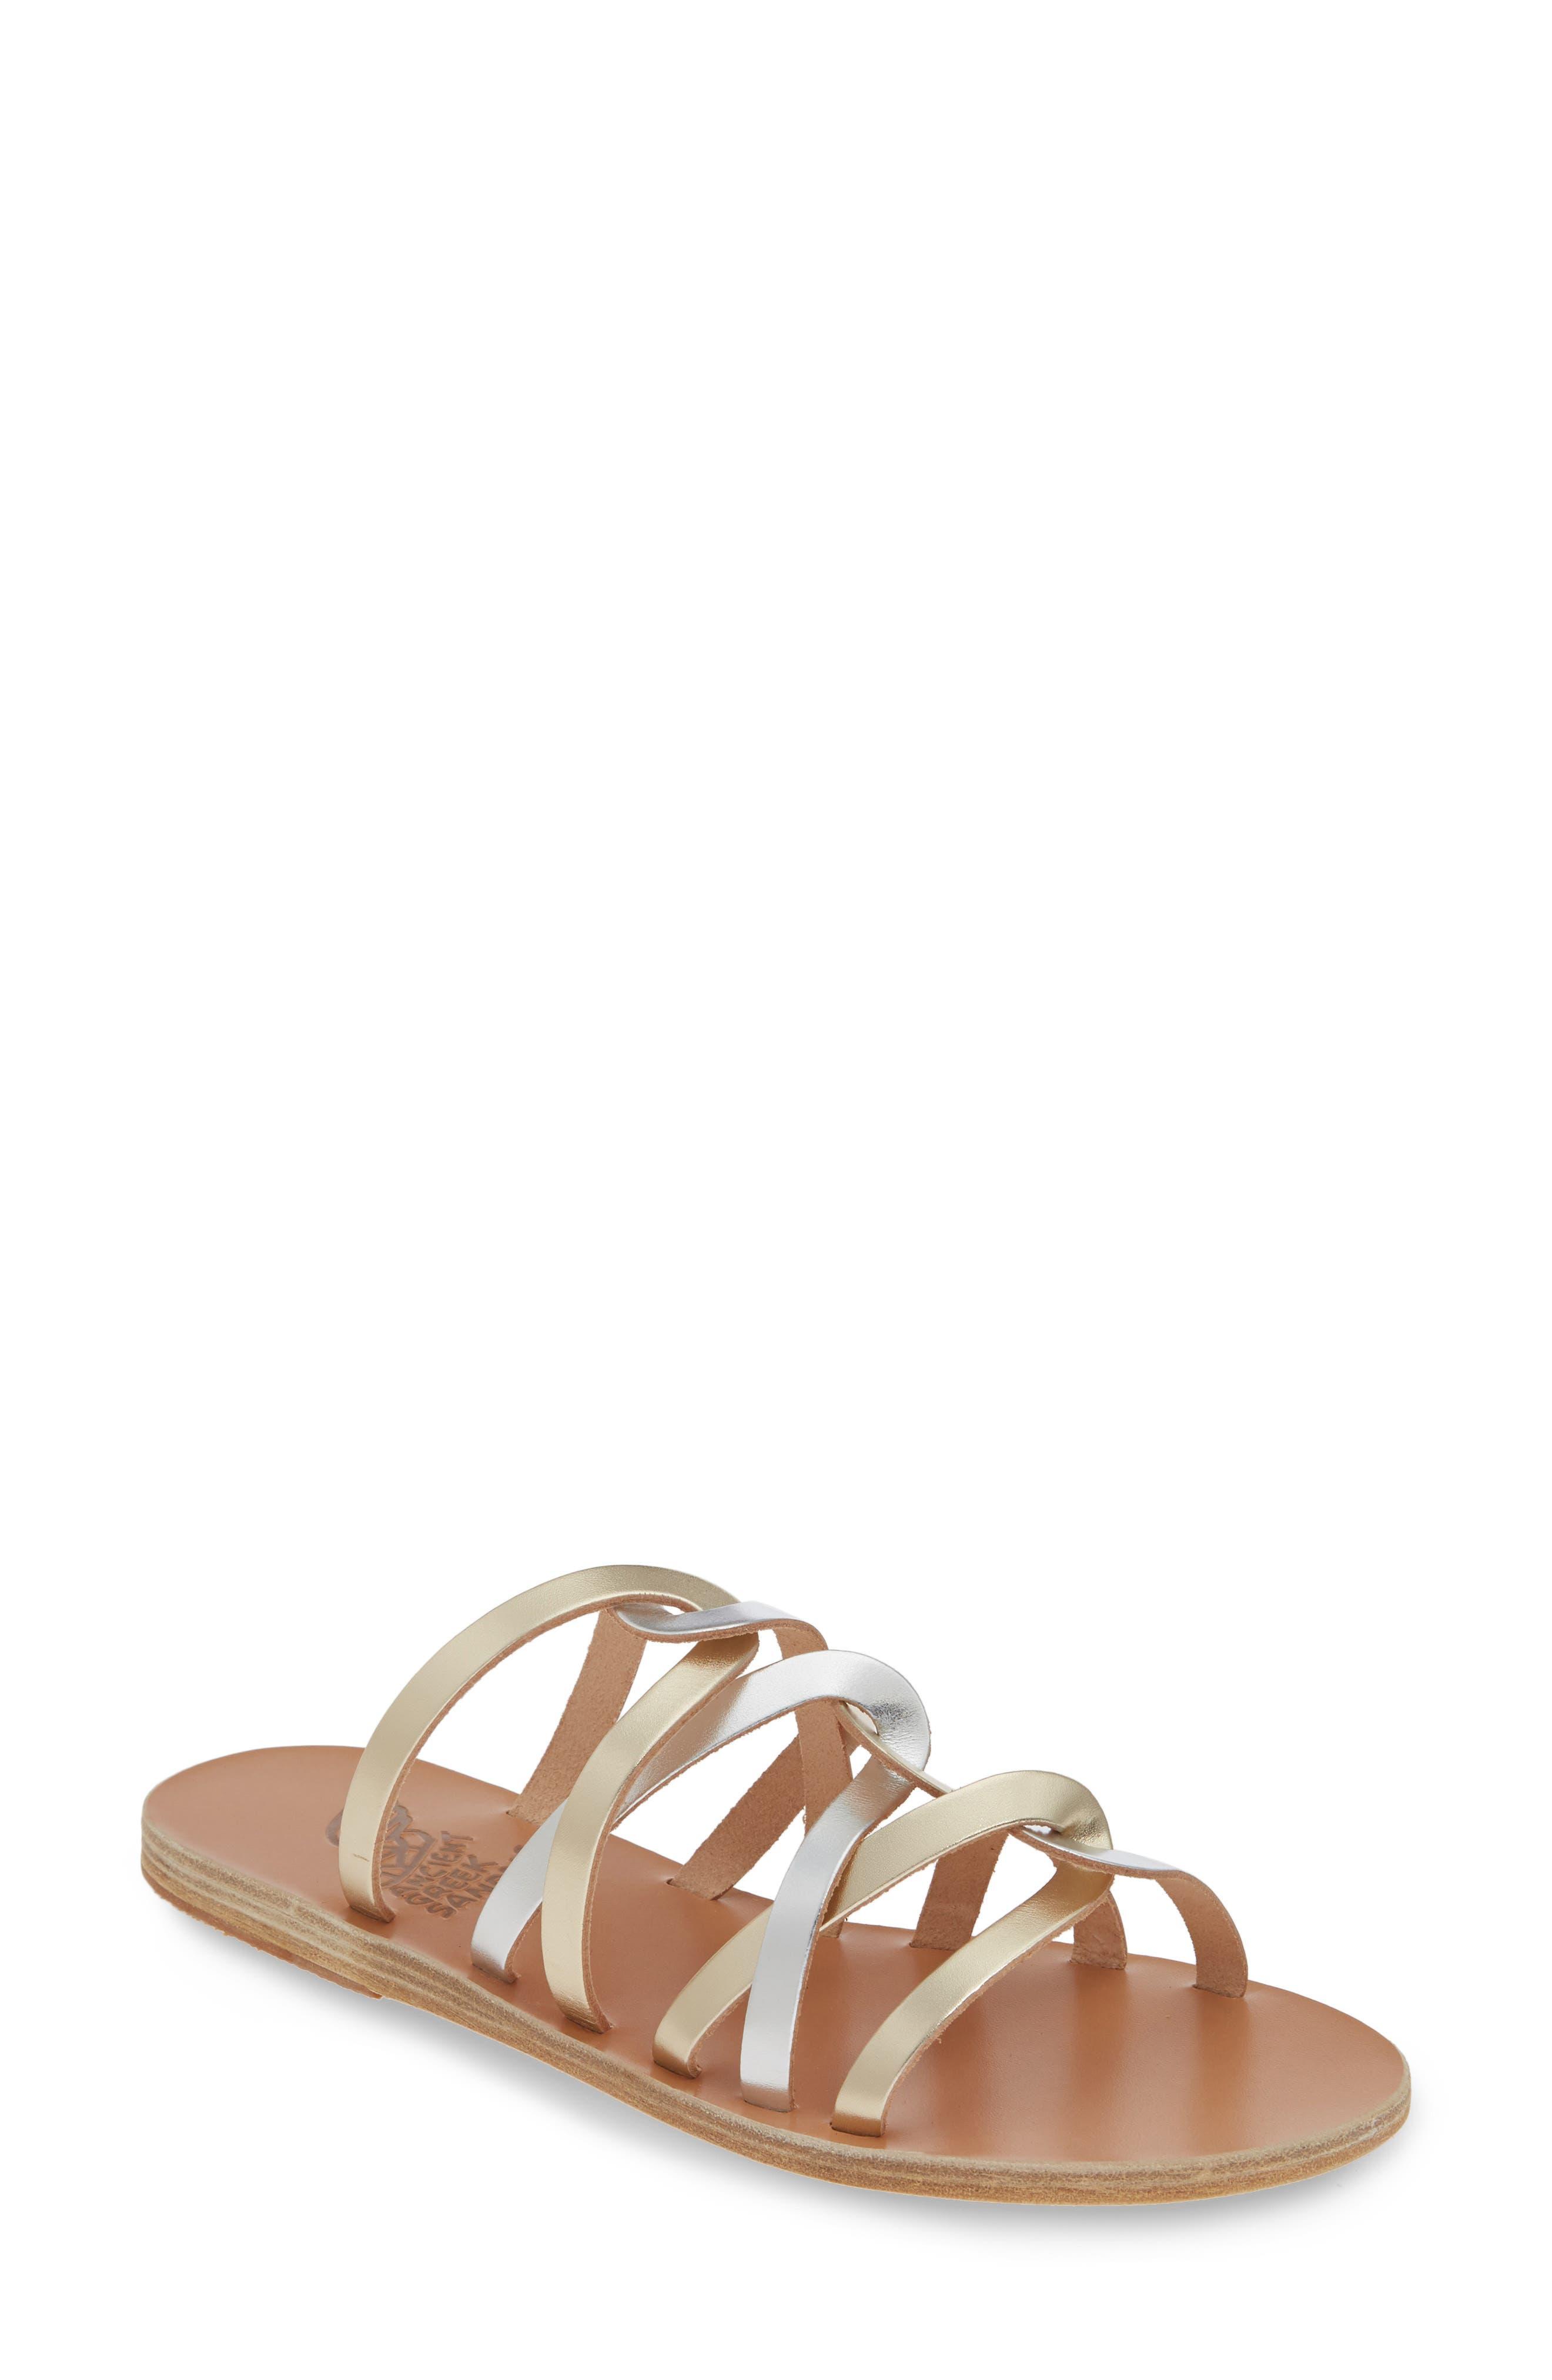 Donousa Slide Sandal, Main, color, SILVER/ PLATINUM